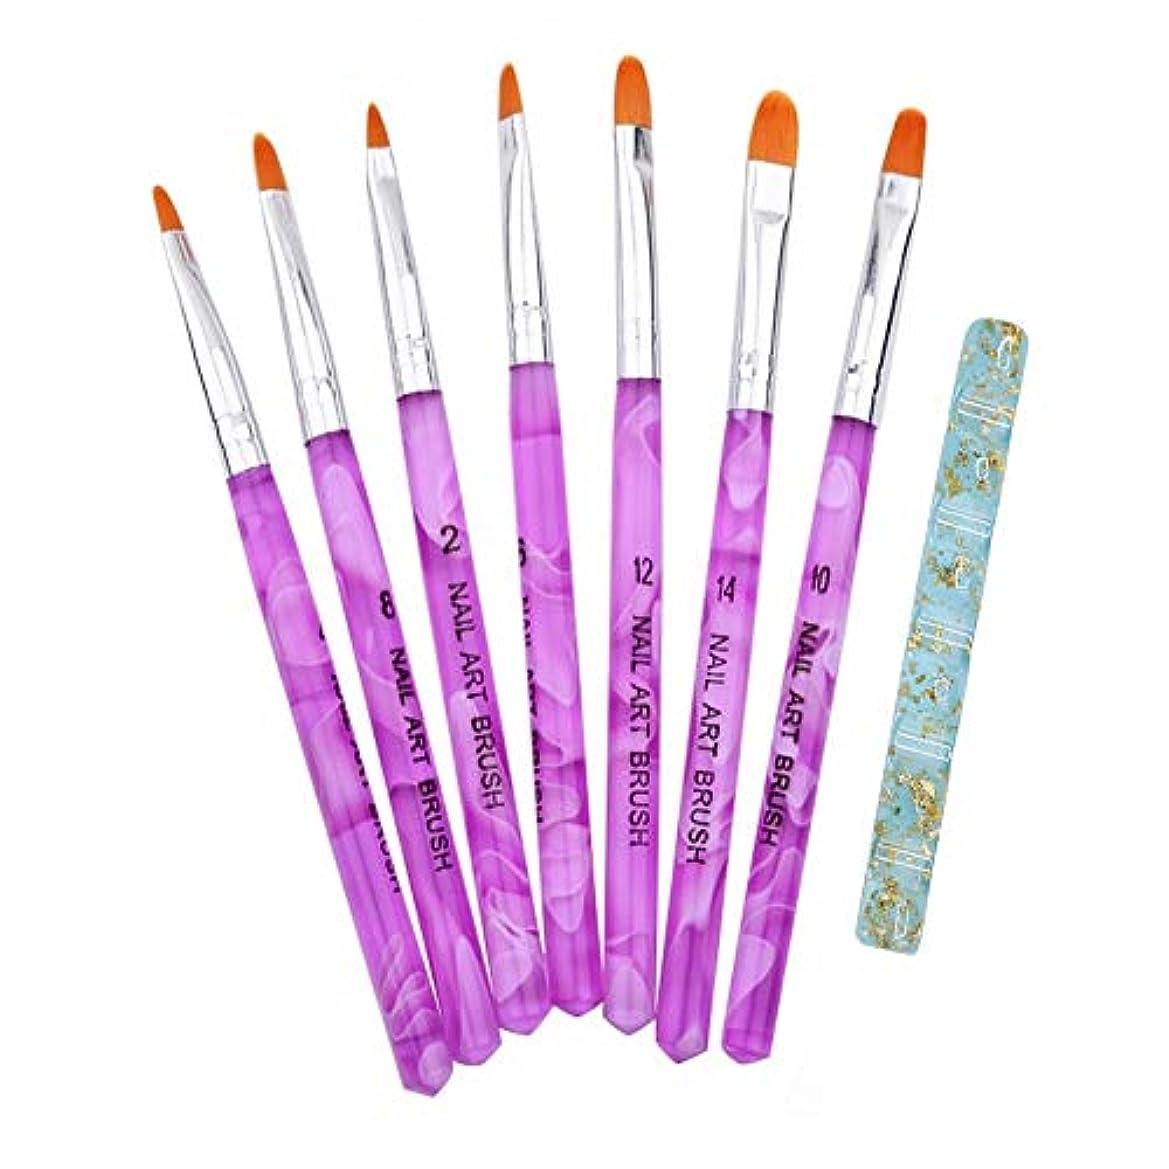 剃る否認する地域のジェル ネイル ブラシ UV 用 平筆 ブラシ 7本 セット 爪 アート プロ仕様 (7本セット)